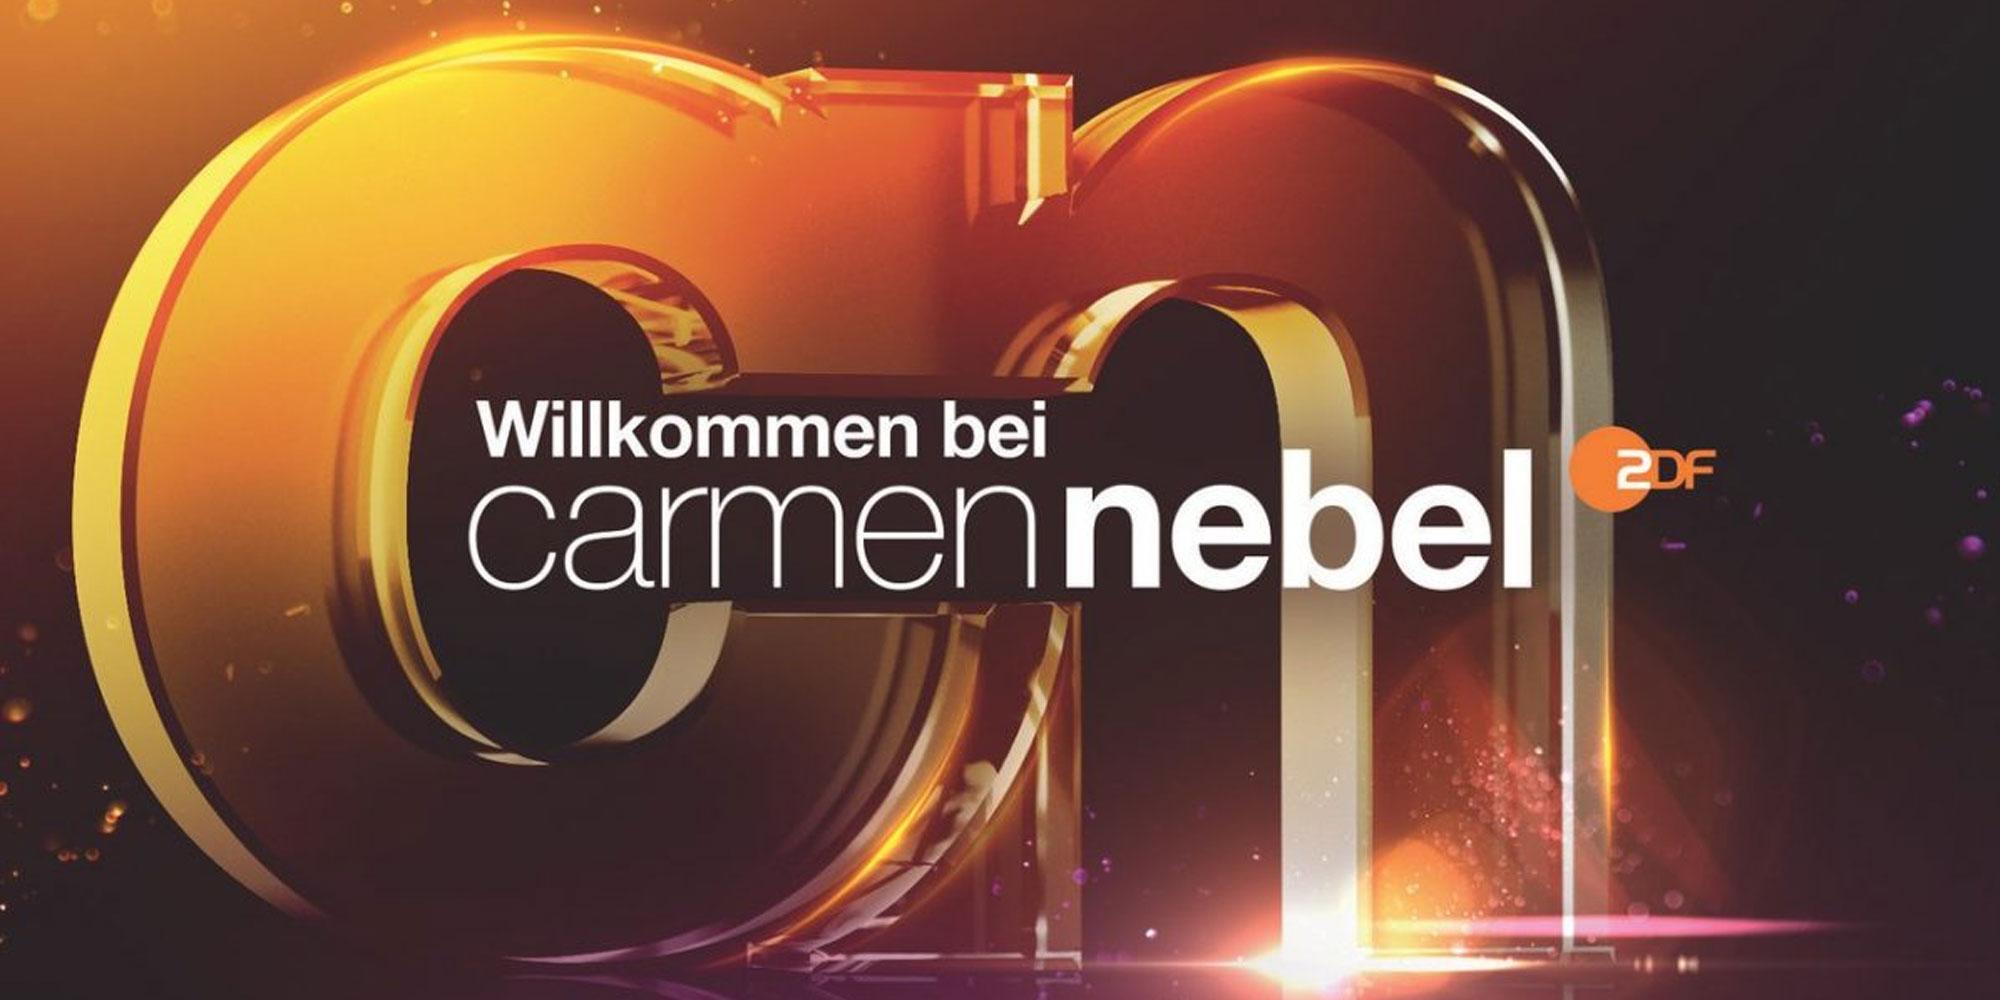 DJ Lollo Aftershow Party DJ Willkommen bei Carmen Nebel